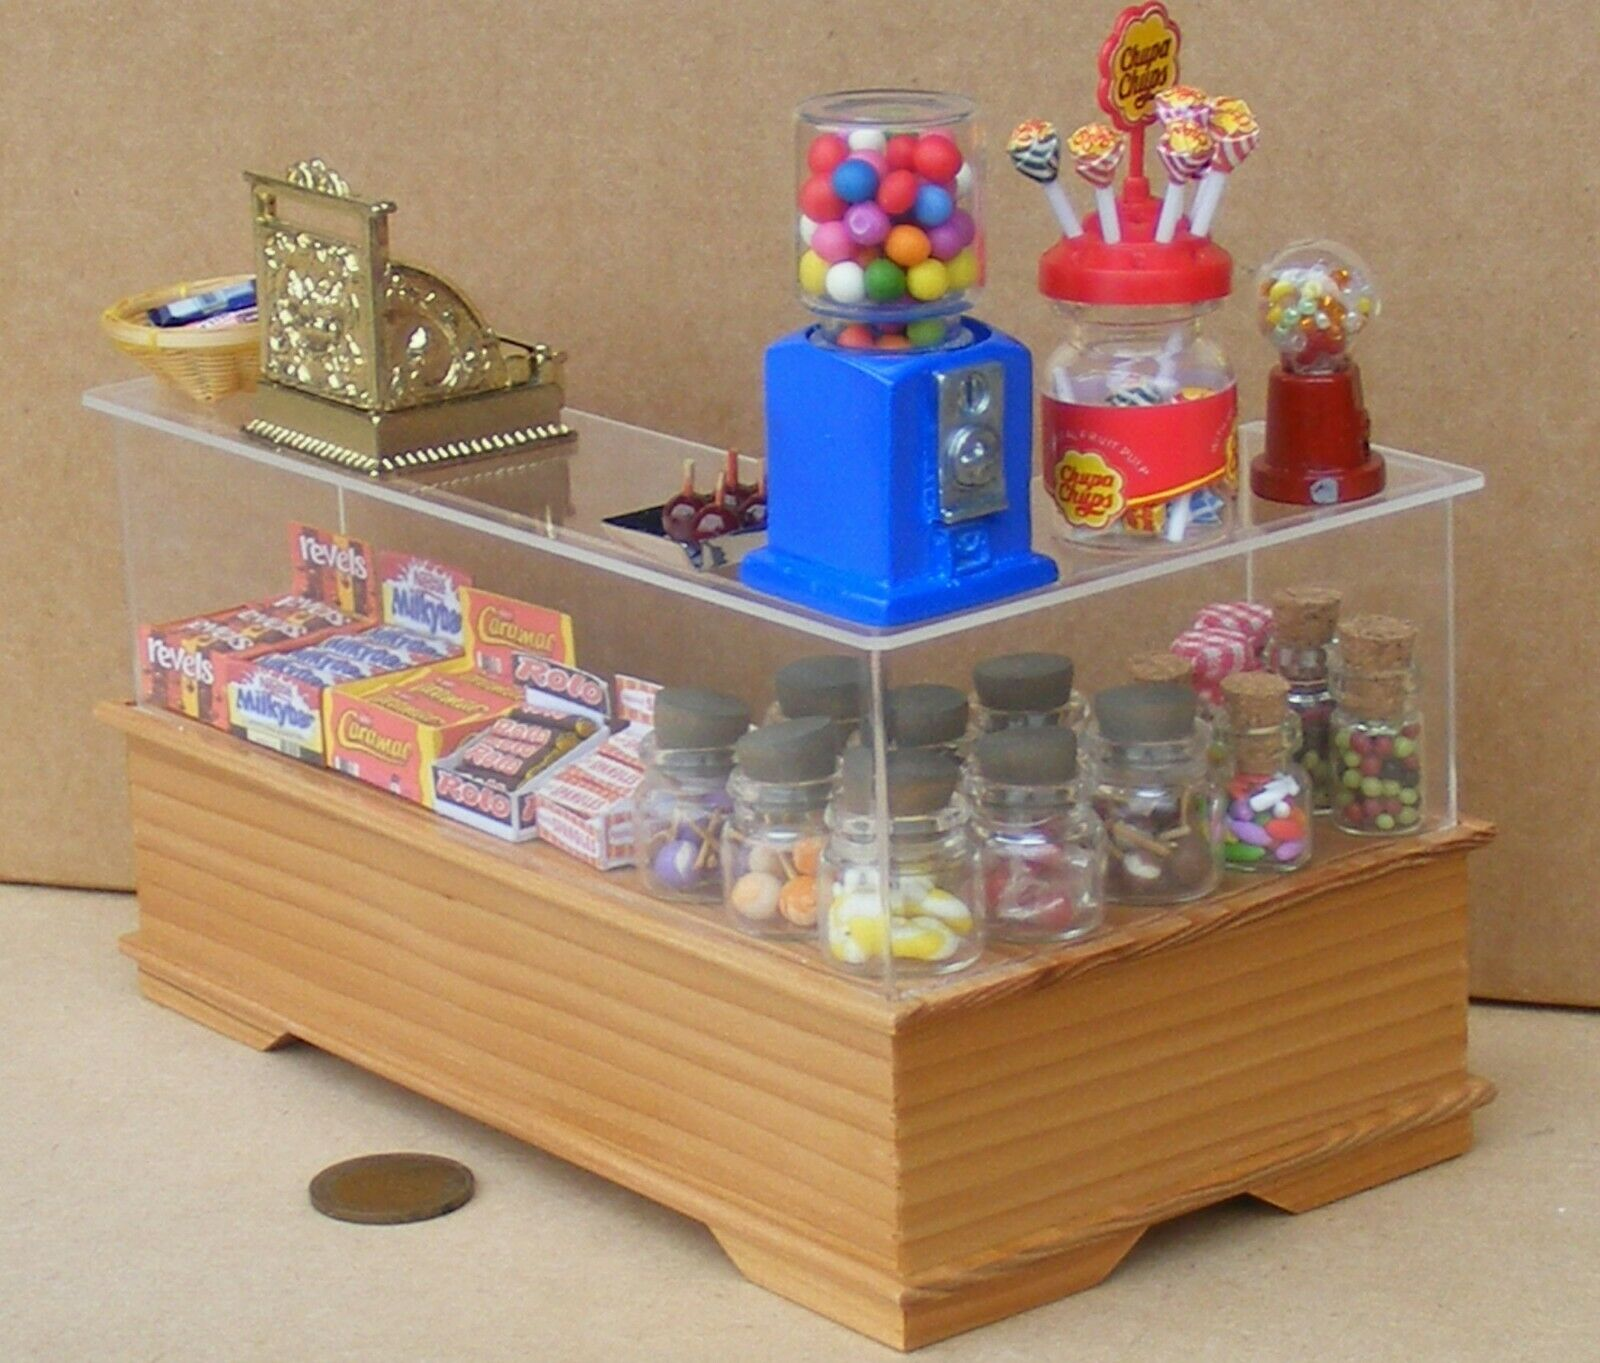 1 12 Maßstab Eiche Hell Bereit Sich Go Ladentheke mit Bonbons Tumdee Puppenhaus